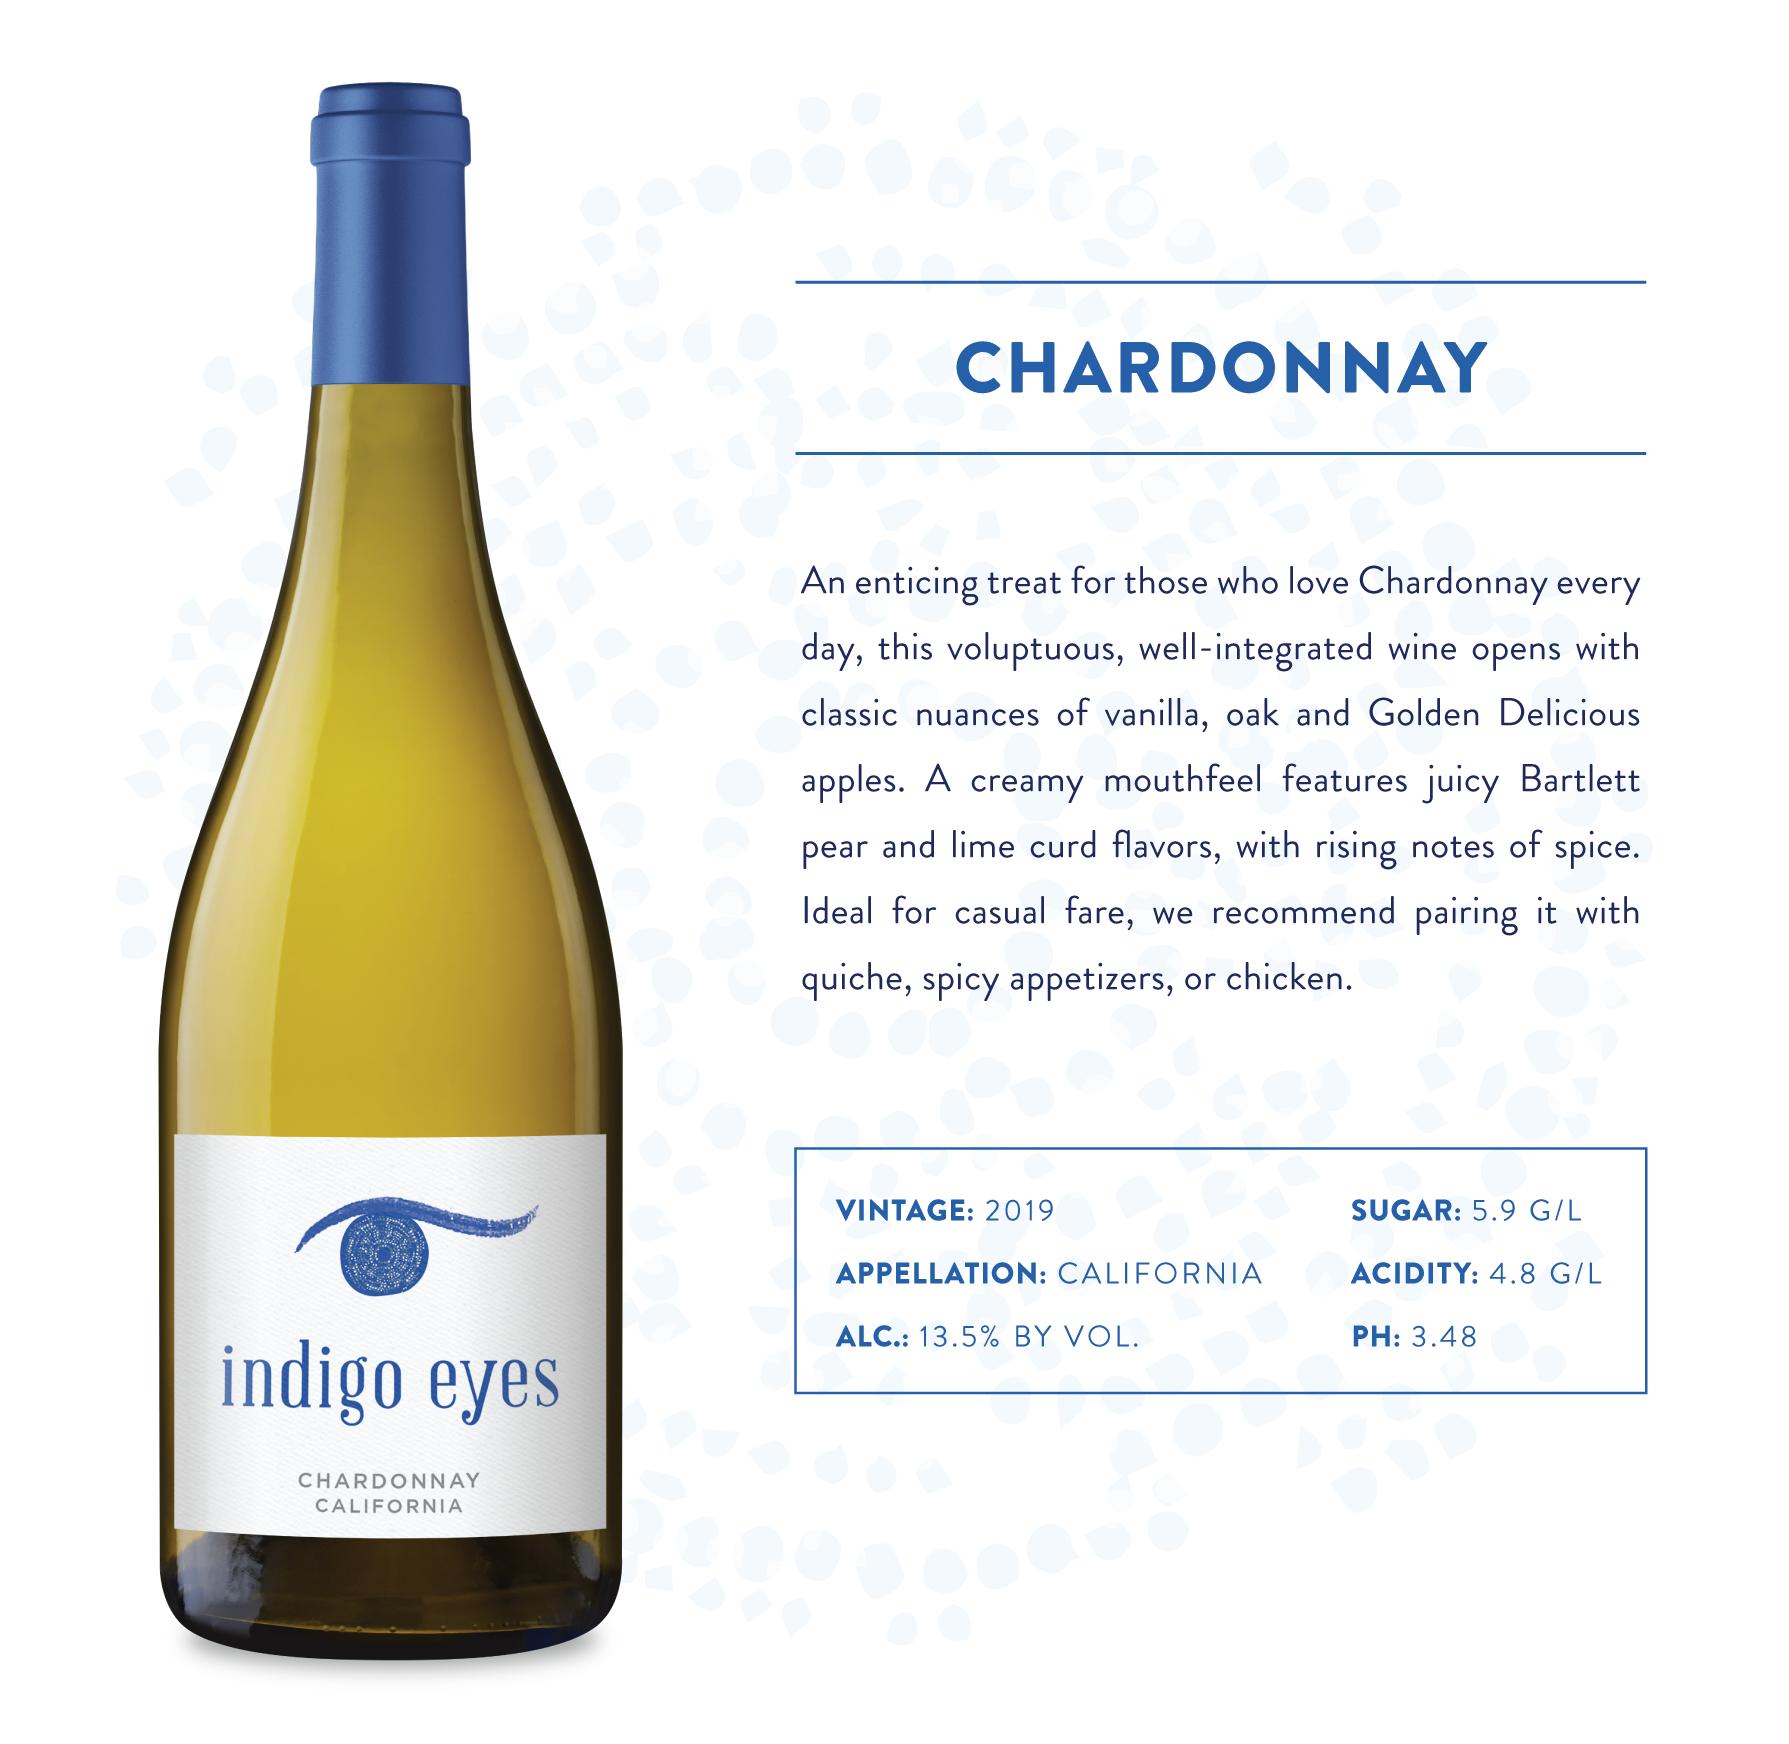 Indigo-Eyes_Chardonnay_Product_Page